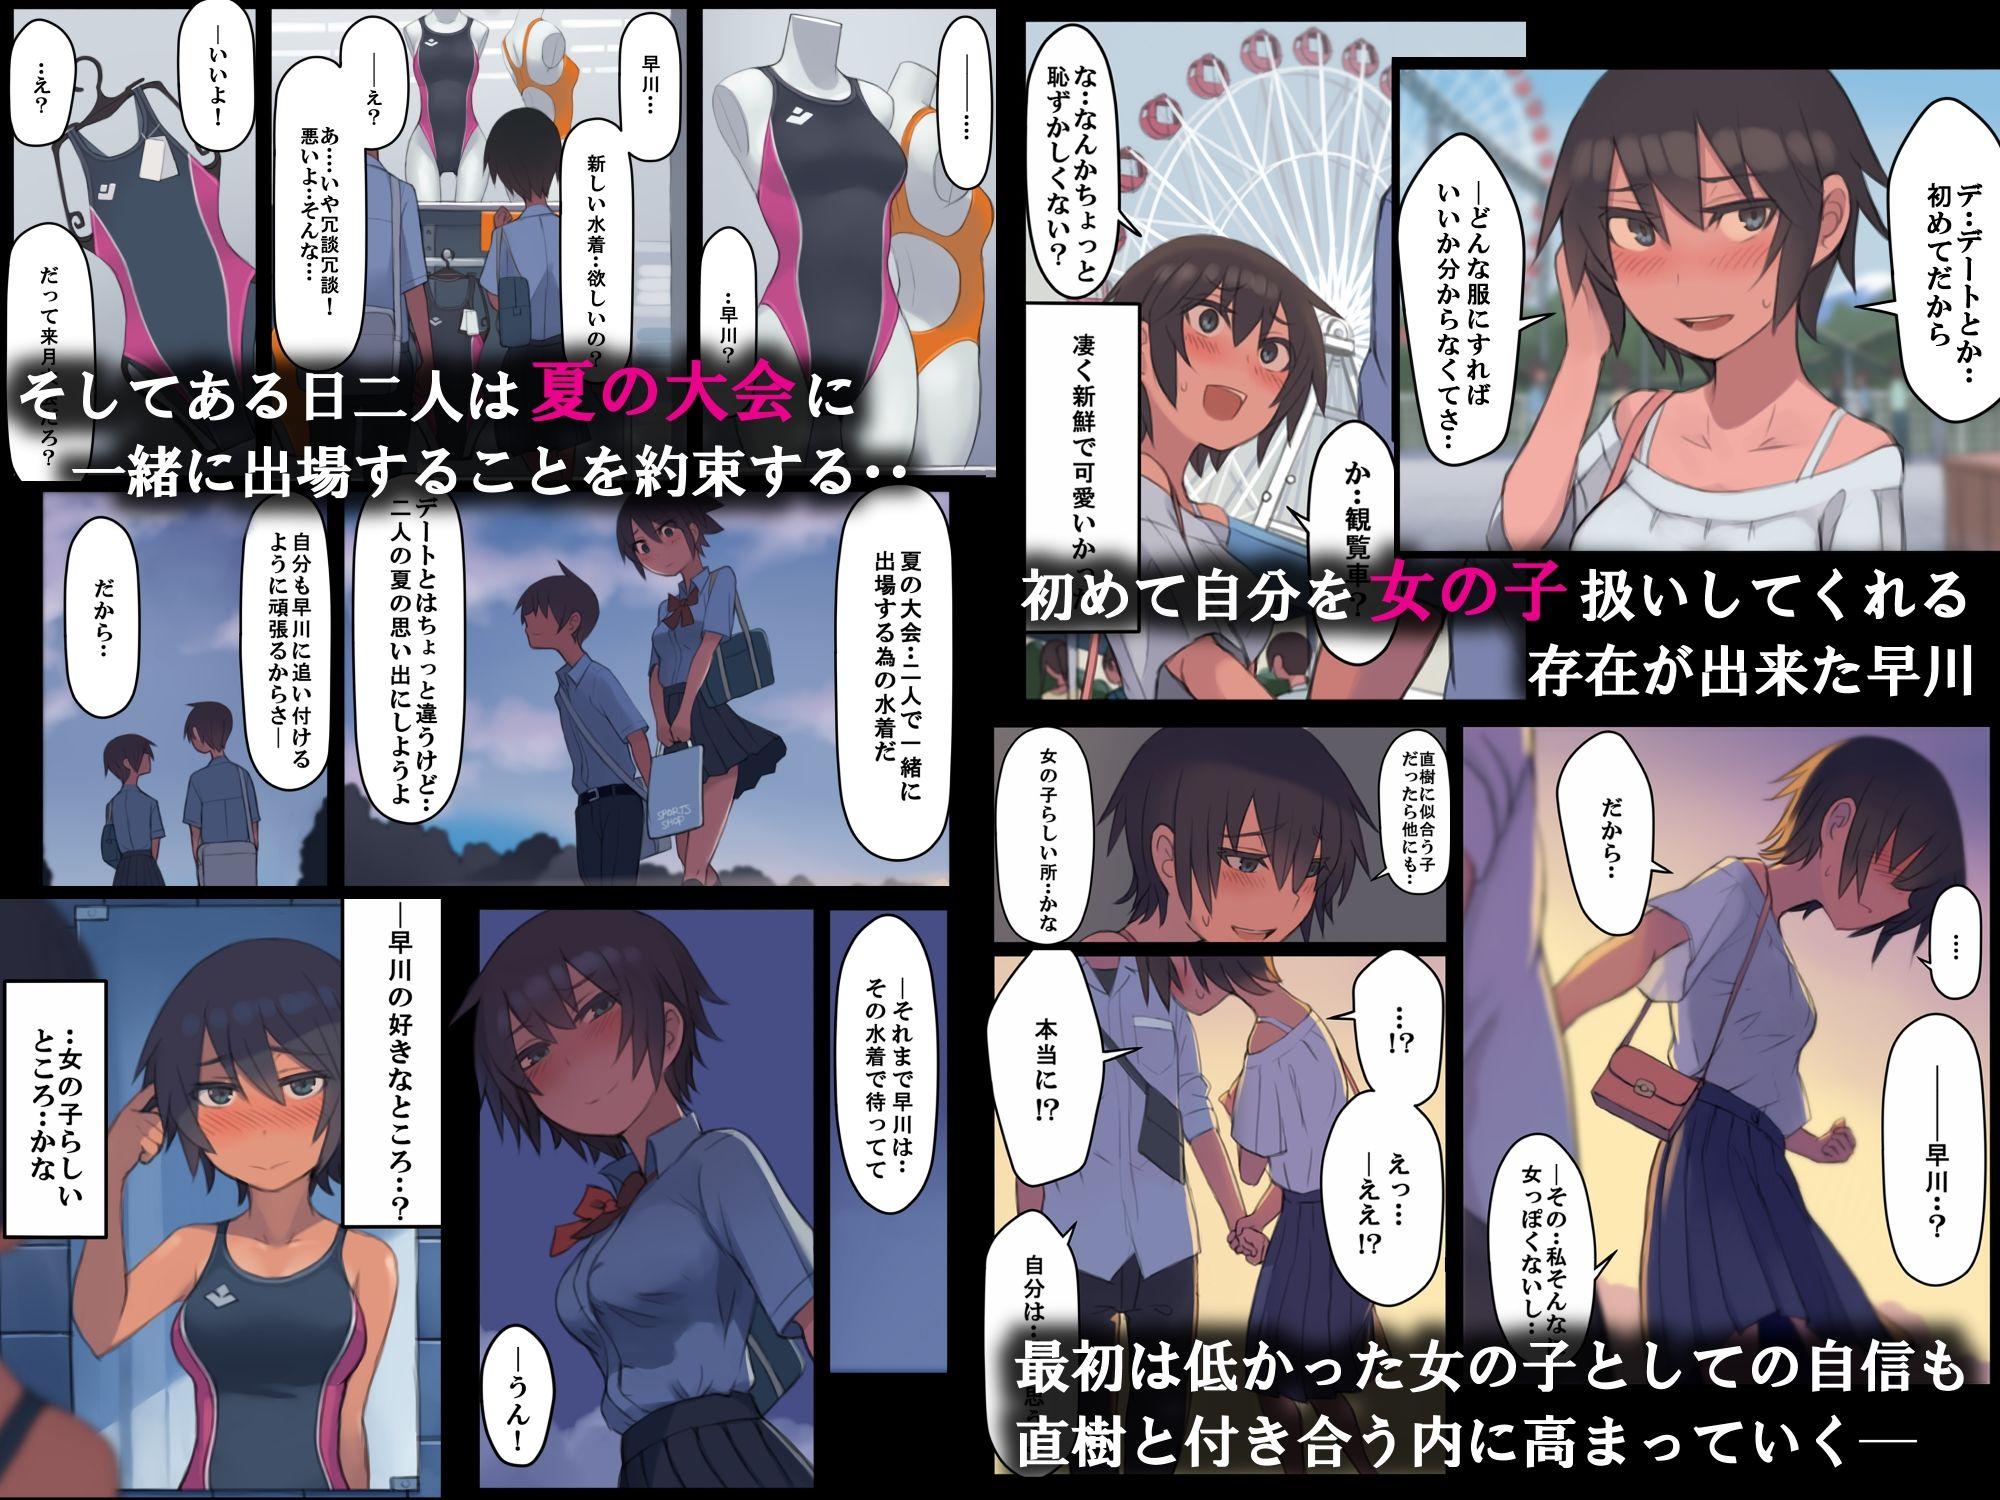 【エロ漫画】少女が大人になる季節 さようなら夏の日「サークル:LVIXXX」【同人誌・コミック】#2